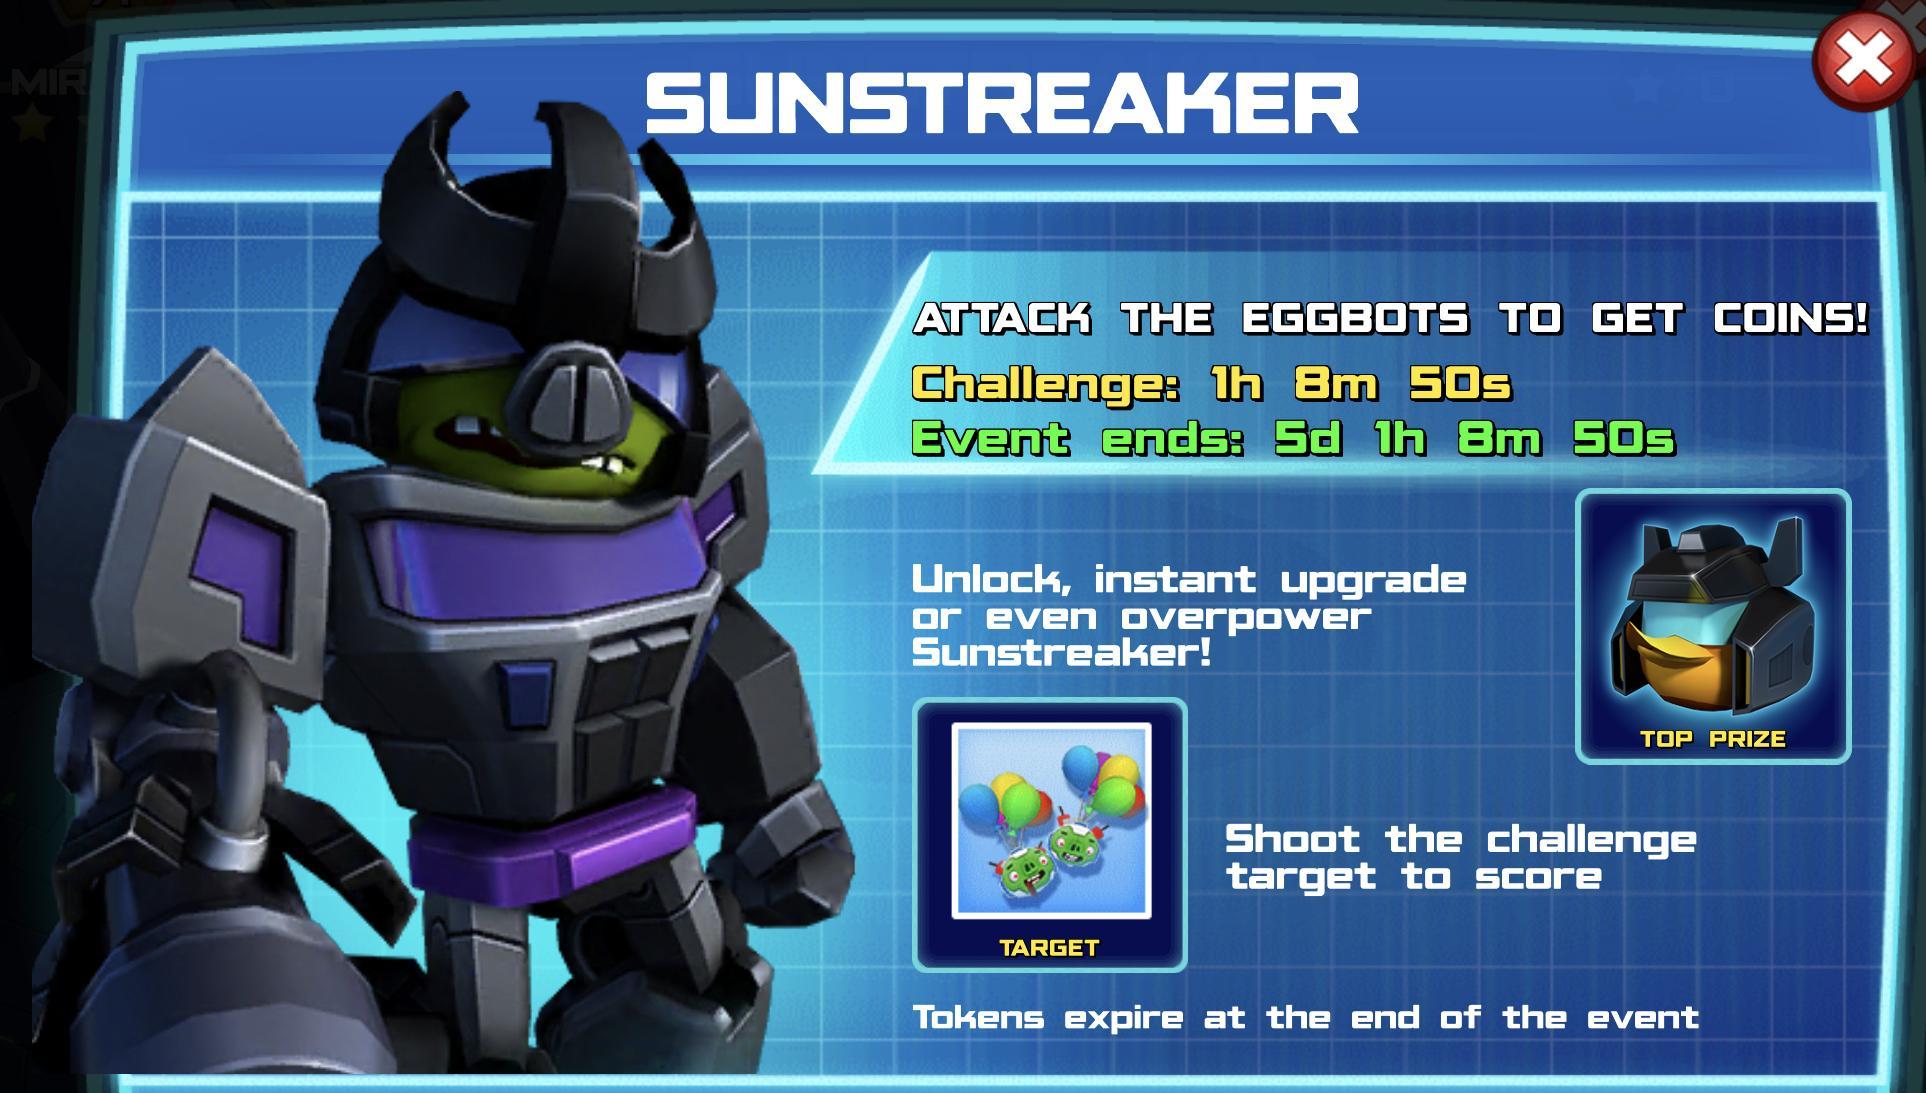 The event banner for Sunstreaker